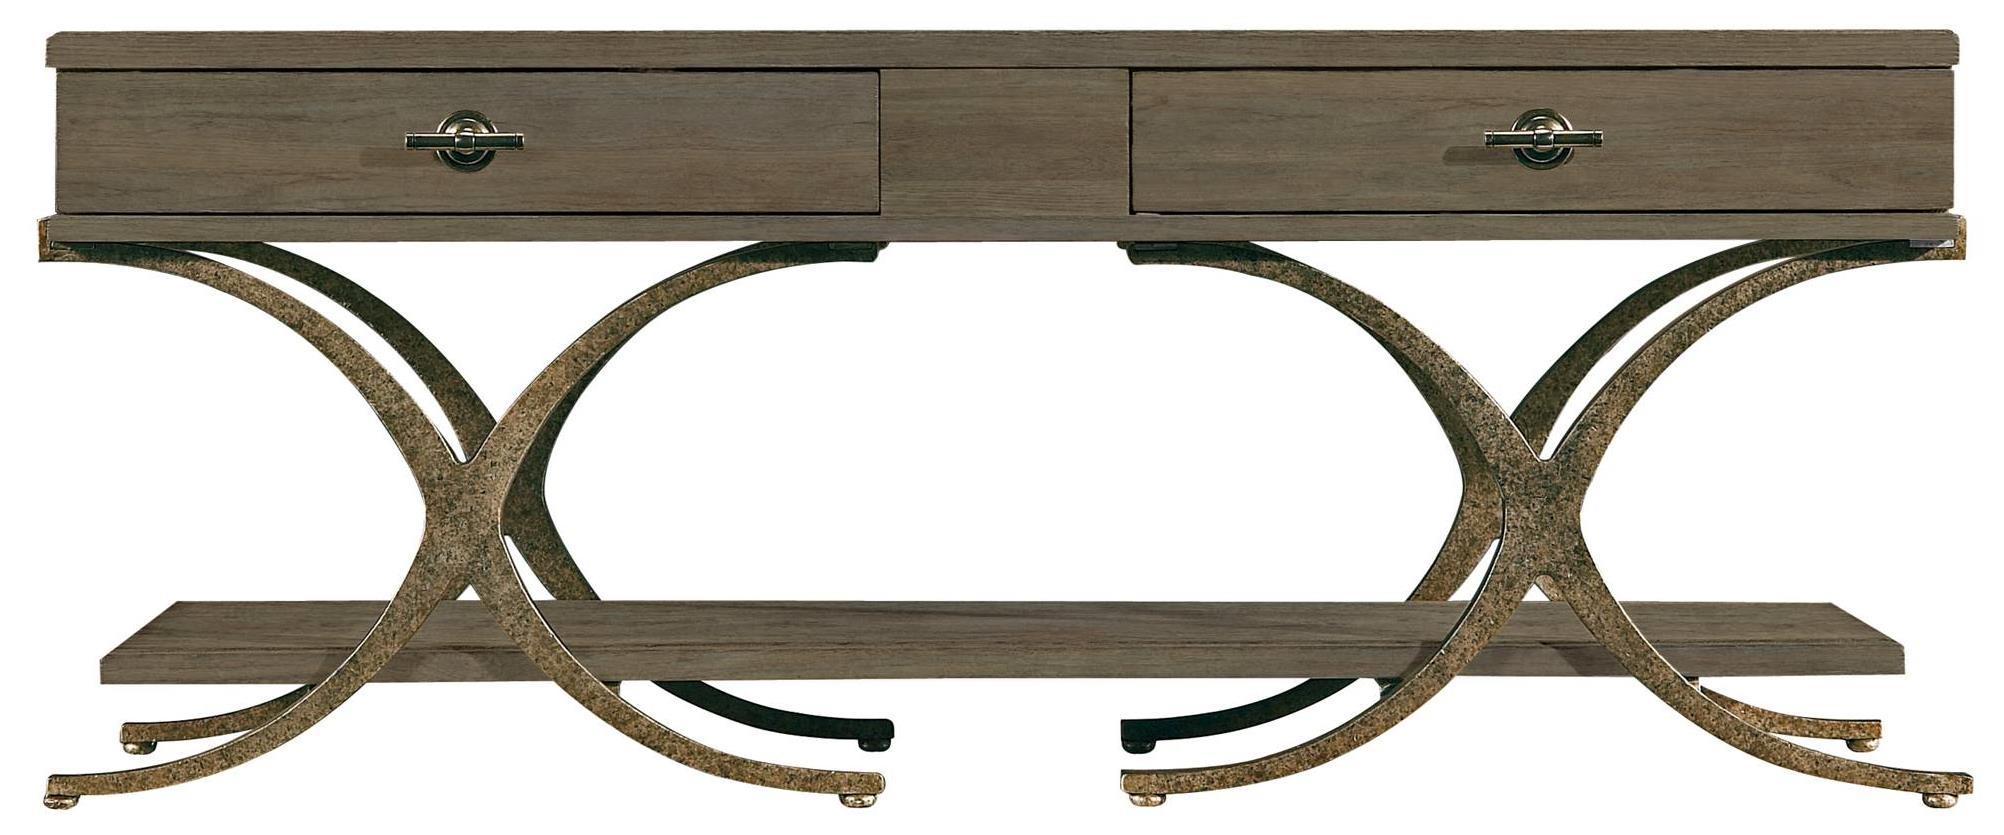 Stanley Furniture Coastal Living Resort Windward Dune Cocktail Table - Item Number: 062-35-01